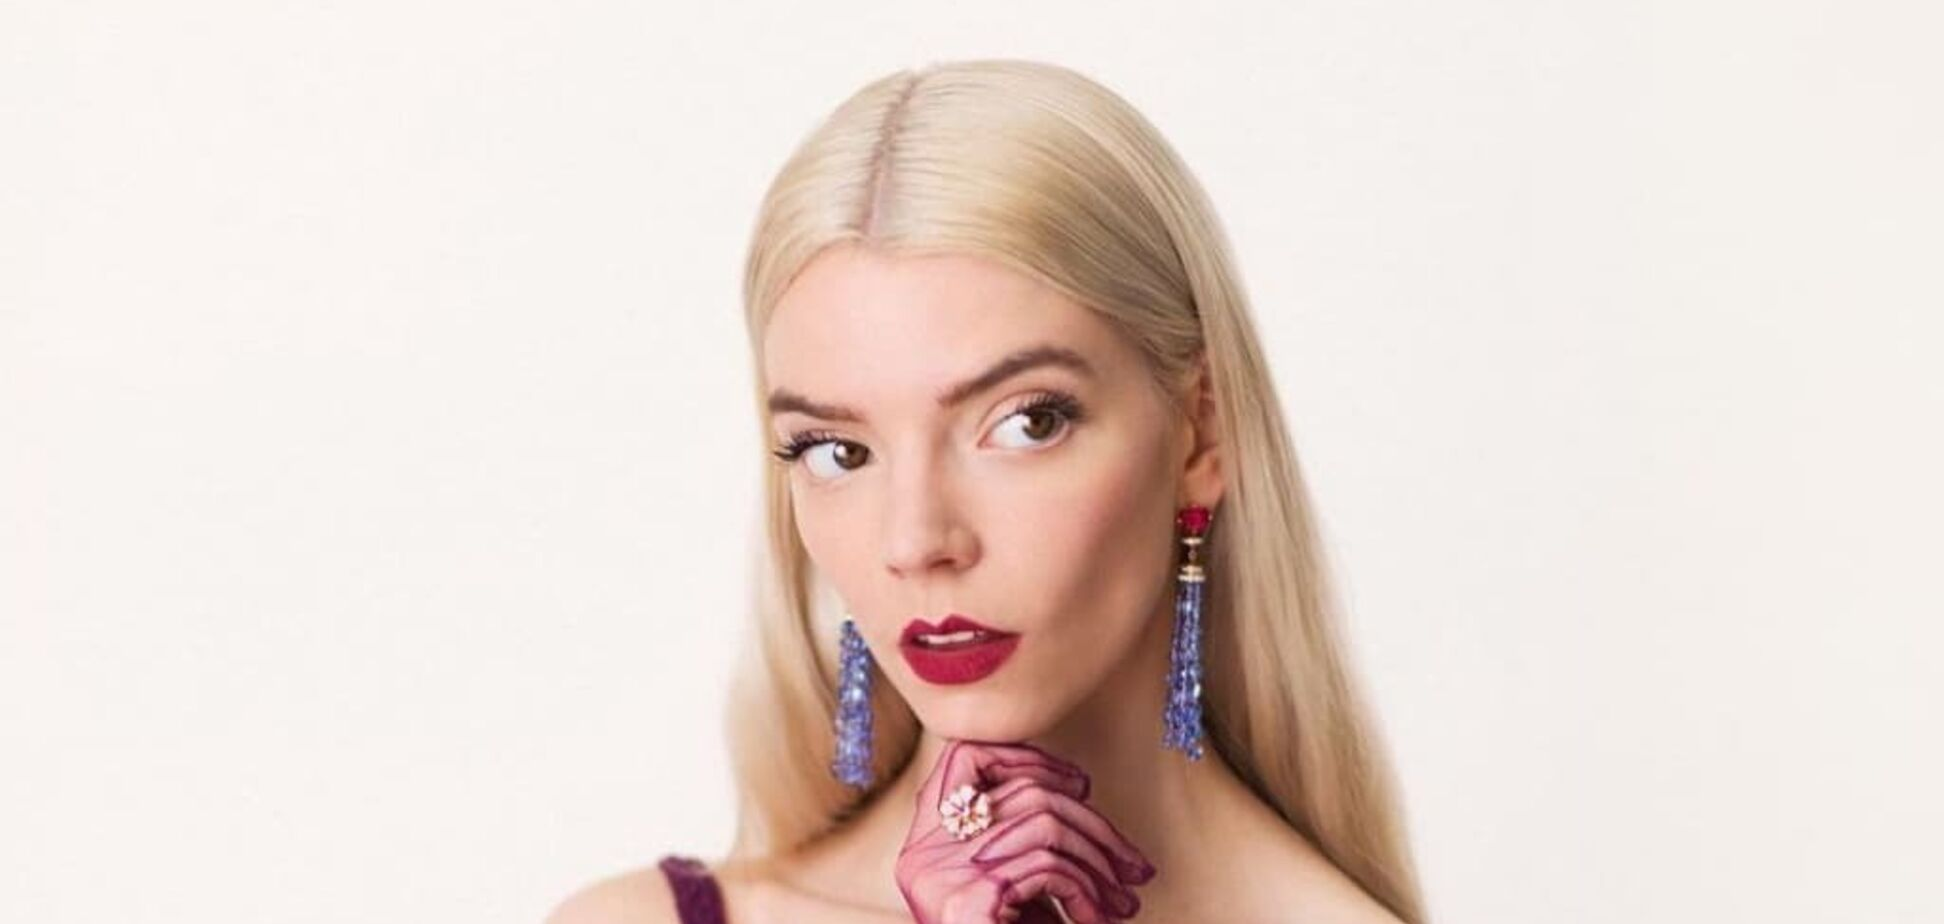 Зірка 'Королівського гамбіту' з'явилася на обкладинці Elle